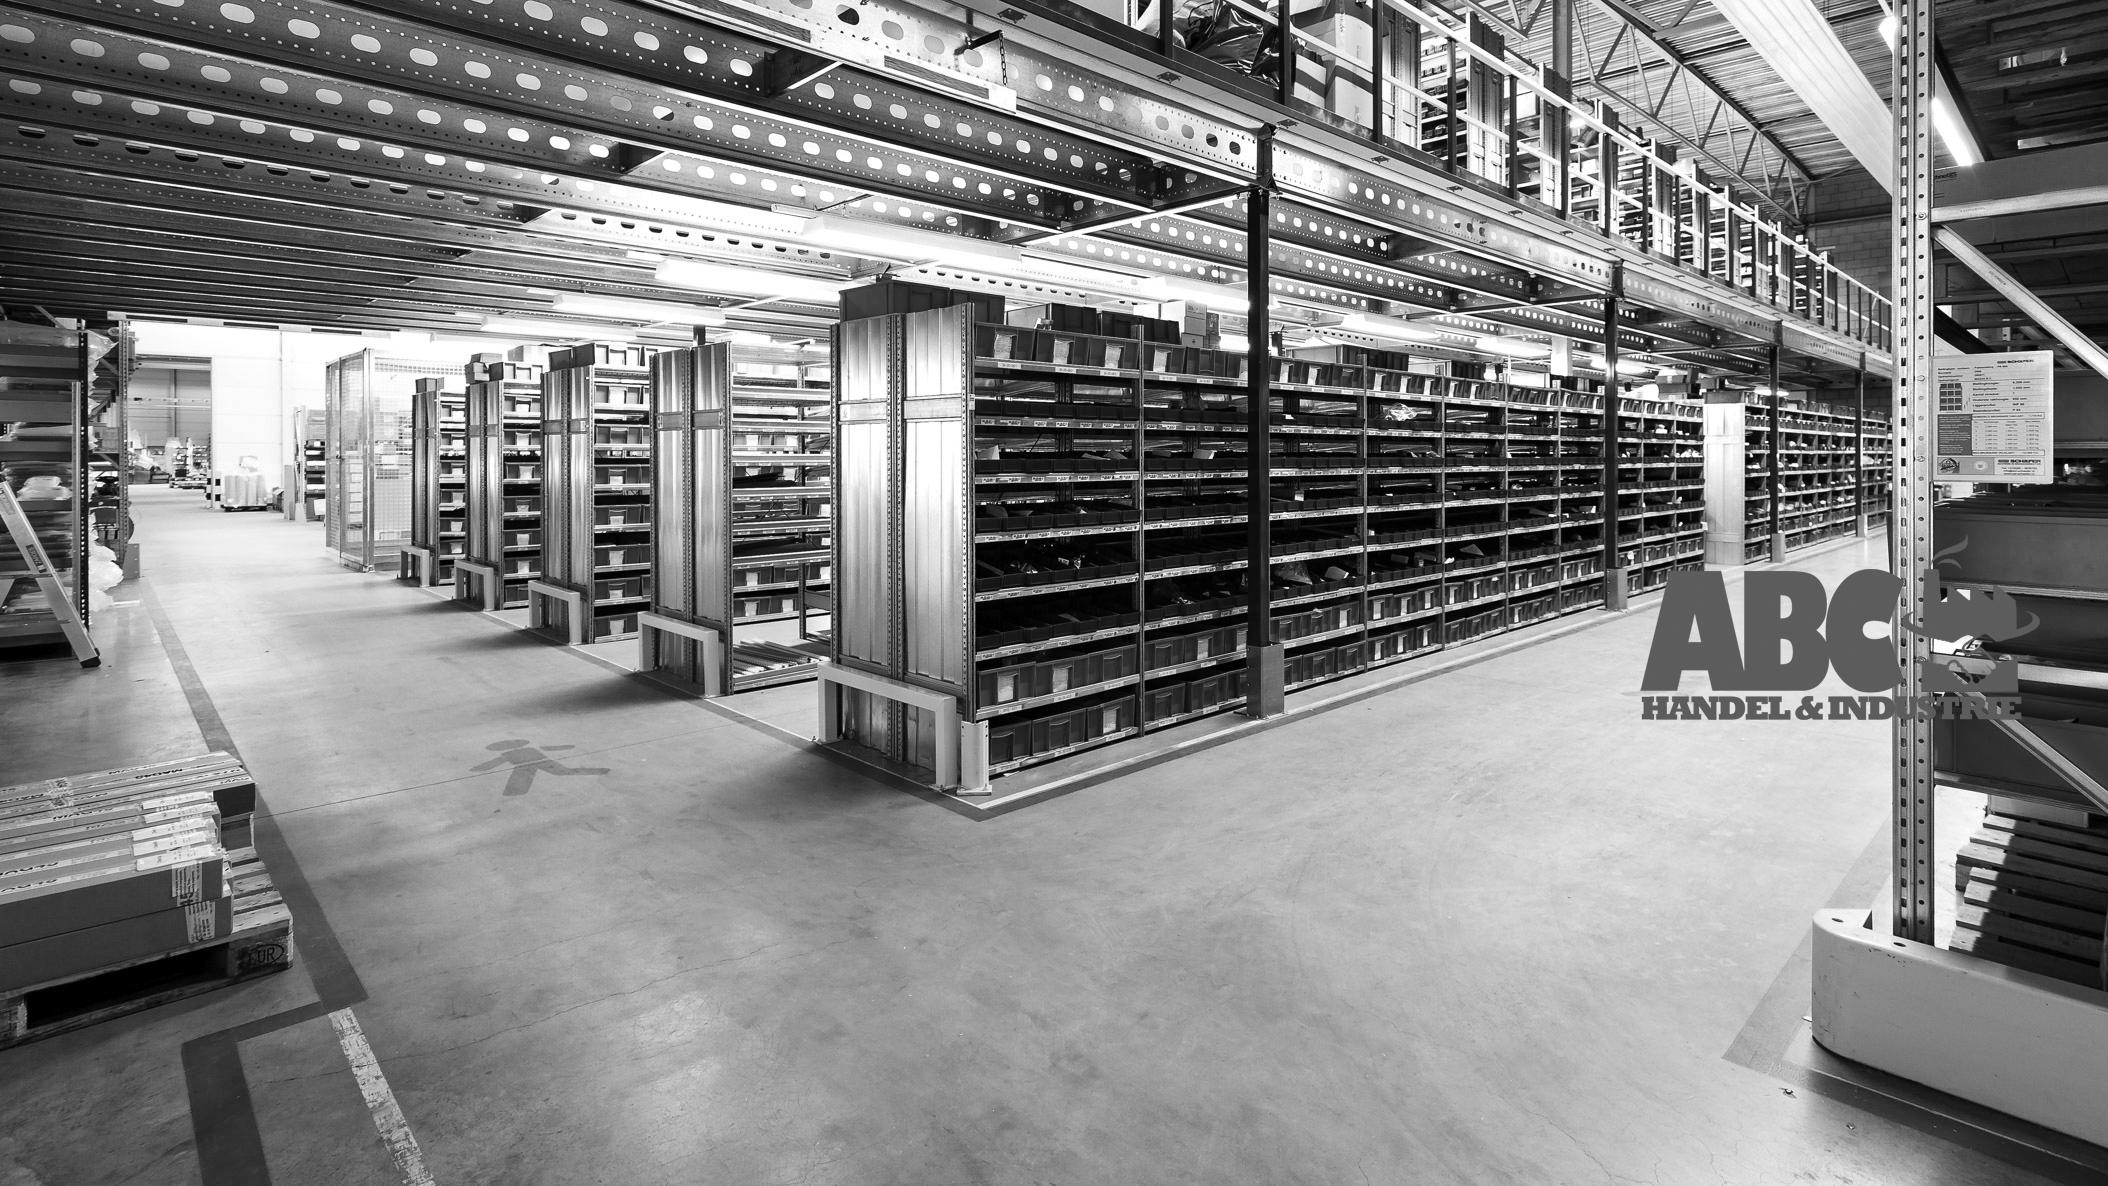 bedrijfspromotie | ABC Handel & Industrie